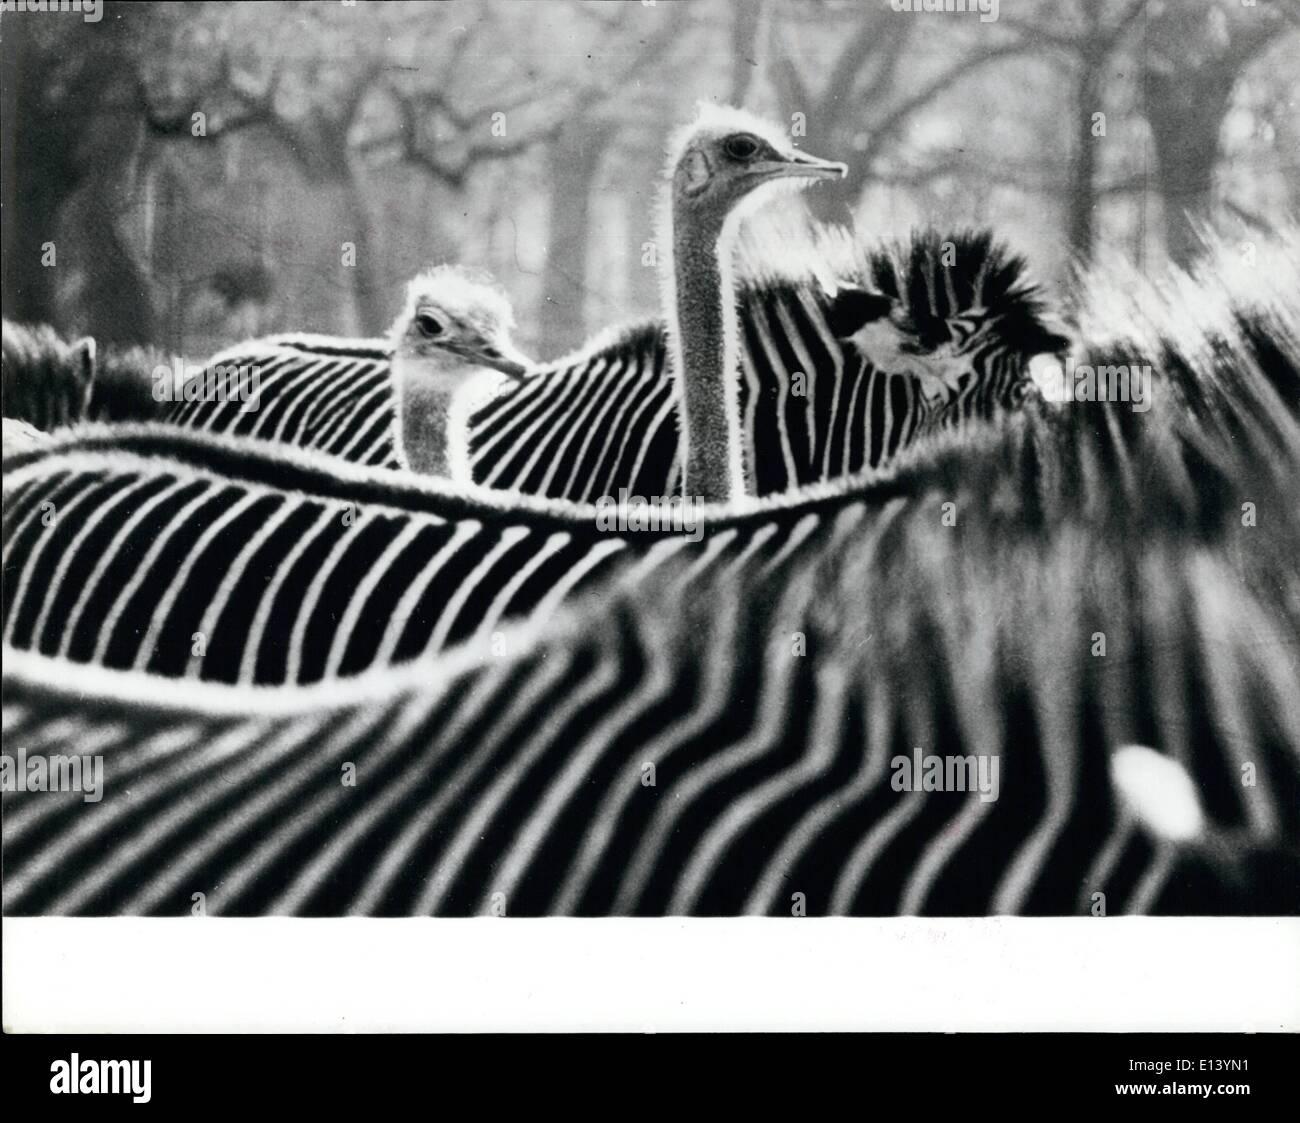 Marzo 27, 2012 - Un estudio en blanco y negro. Este premio - La imagen ganadora, tomada en el Wilhelma Zoo en Stuttgart, Alemania occidental, Imagen De Stock